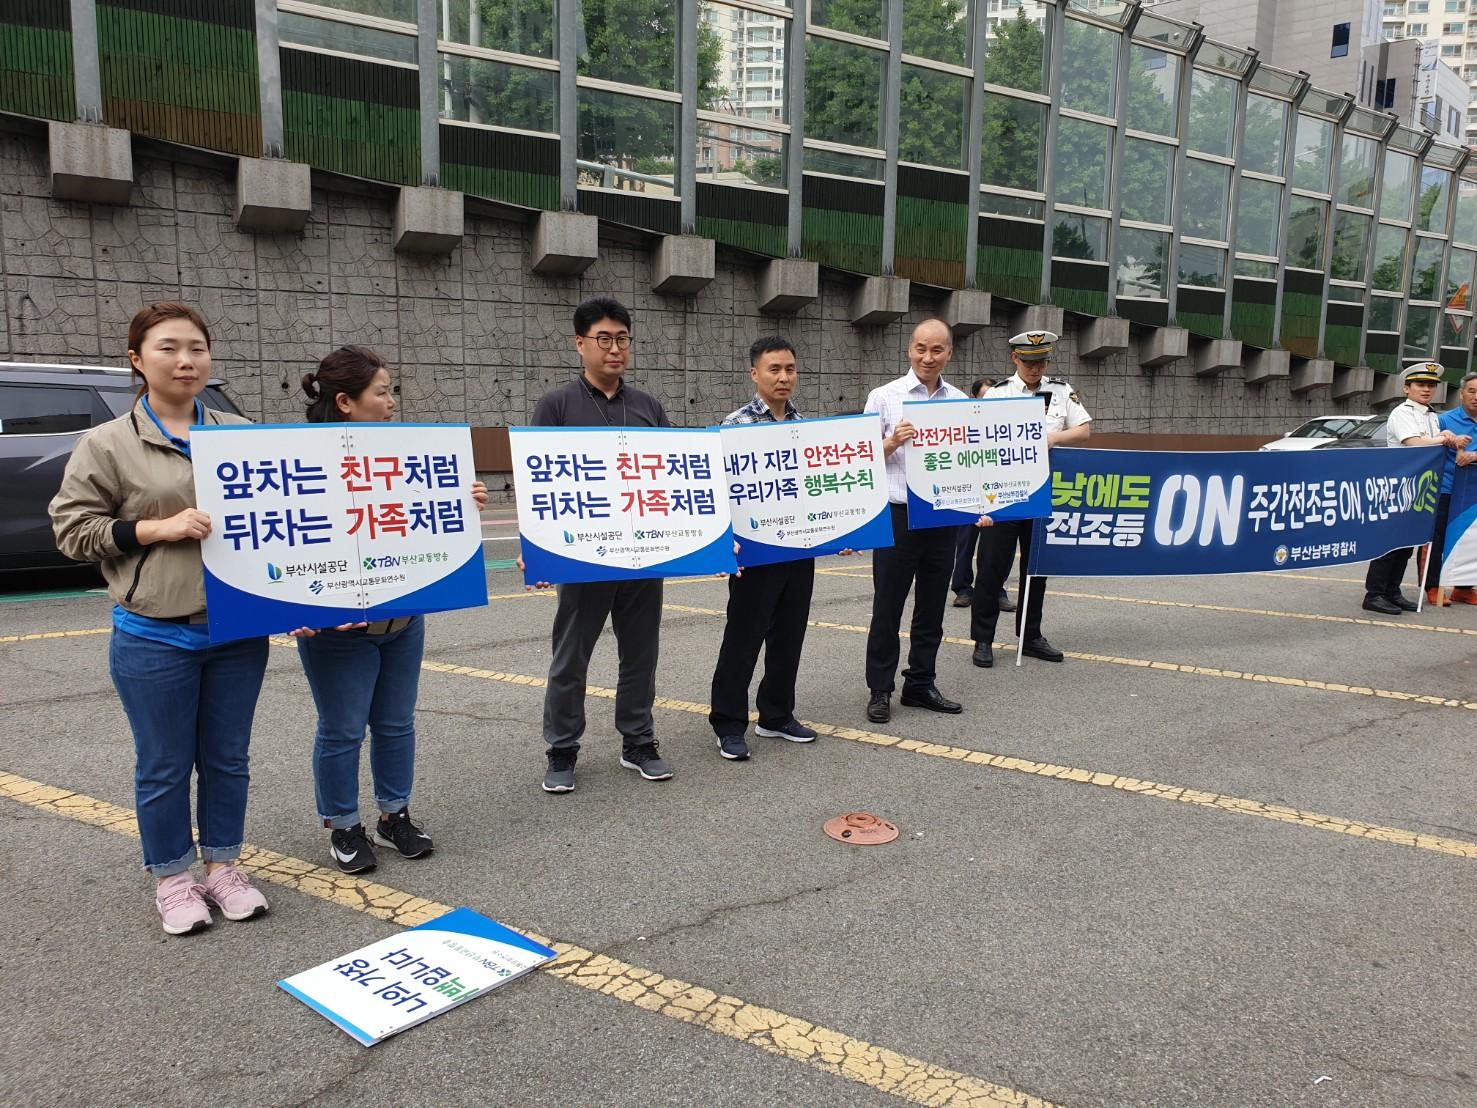 황련터널 전포방면 입구에서 교통문화정착 위한 캠페인 피켓과 현수막을 들고 사람들이 서 있다.(정면사진)